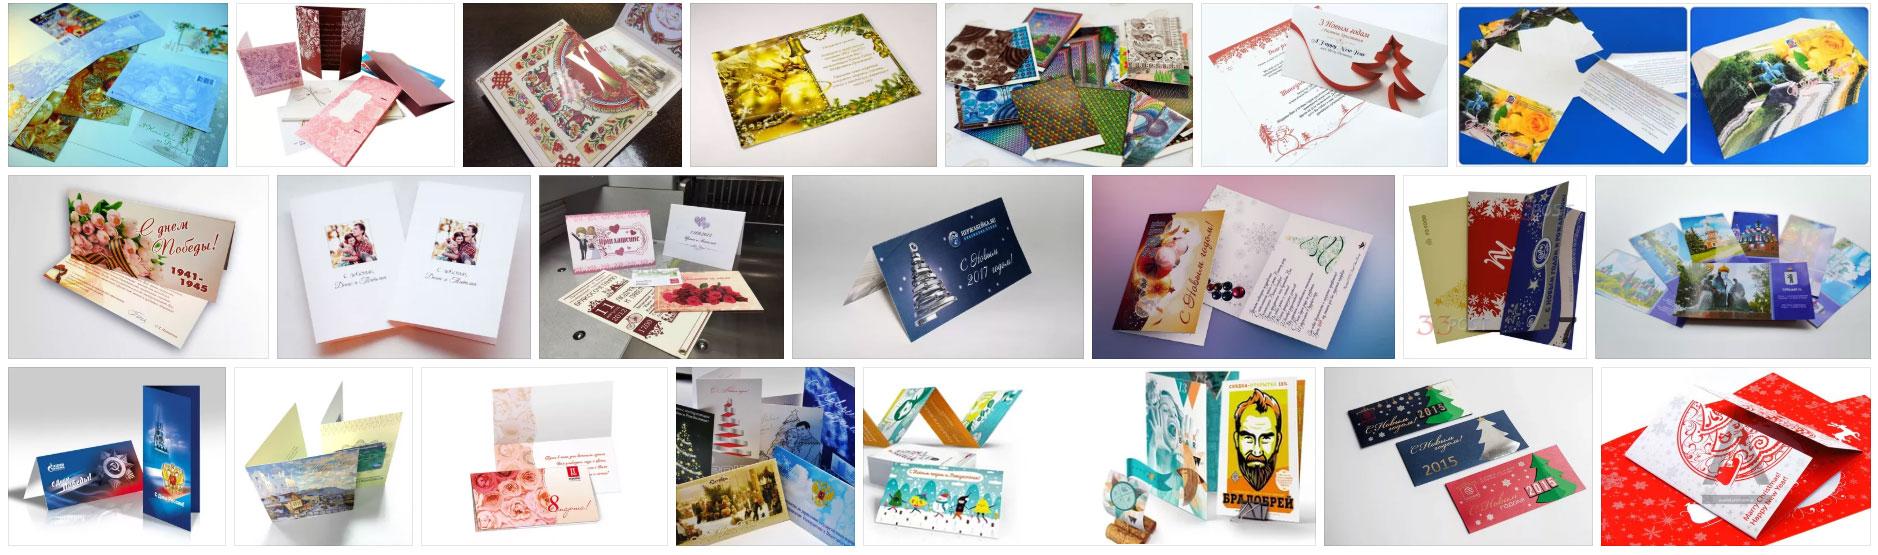 Типография открытки казань, открытки технике